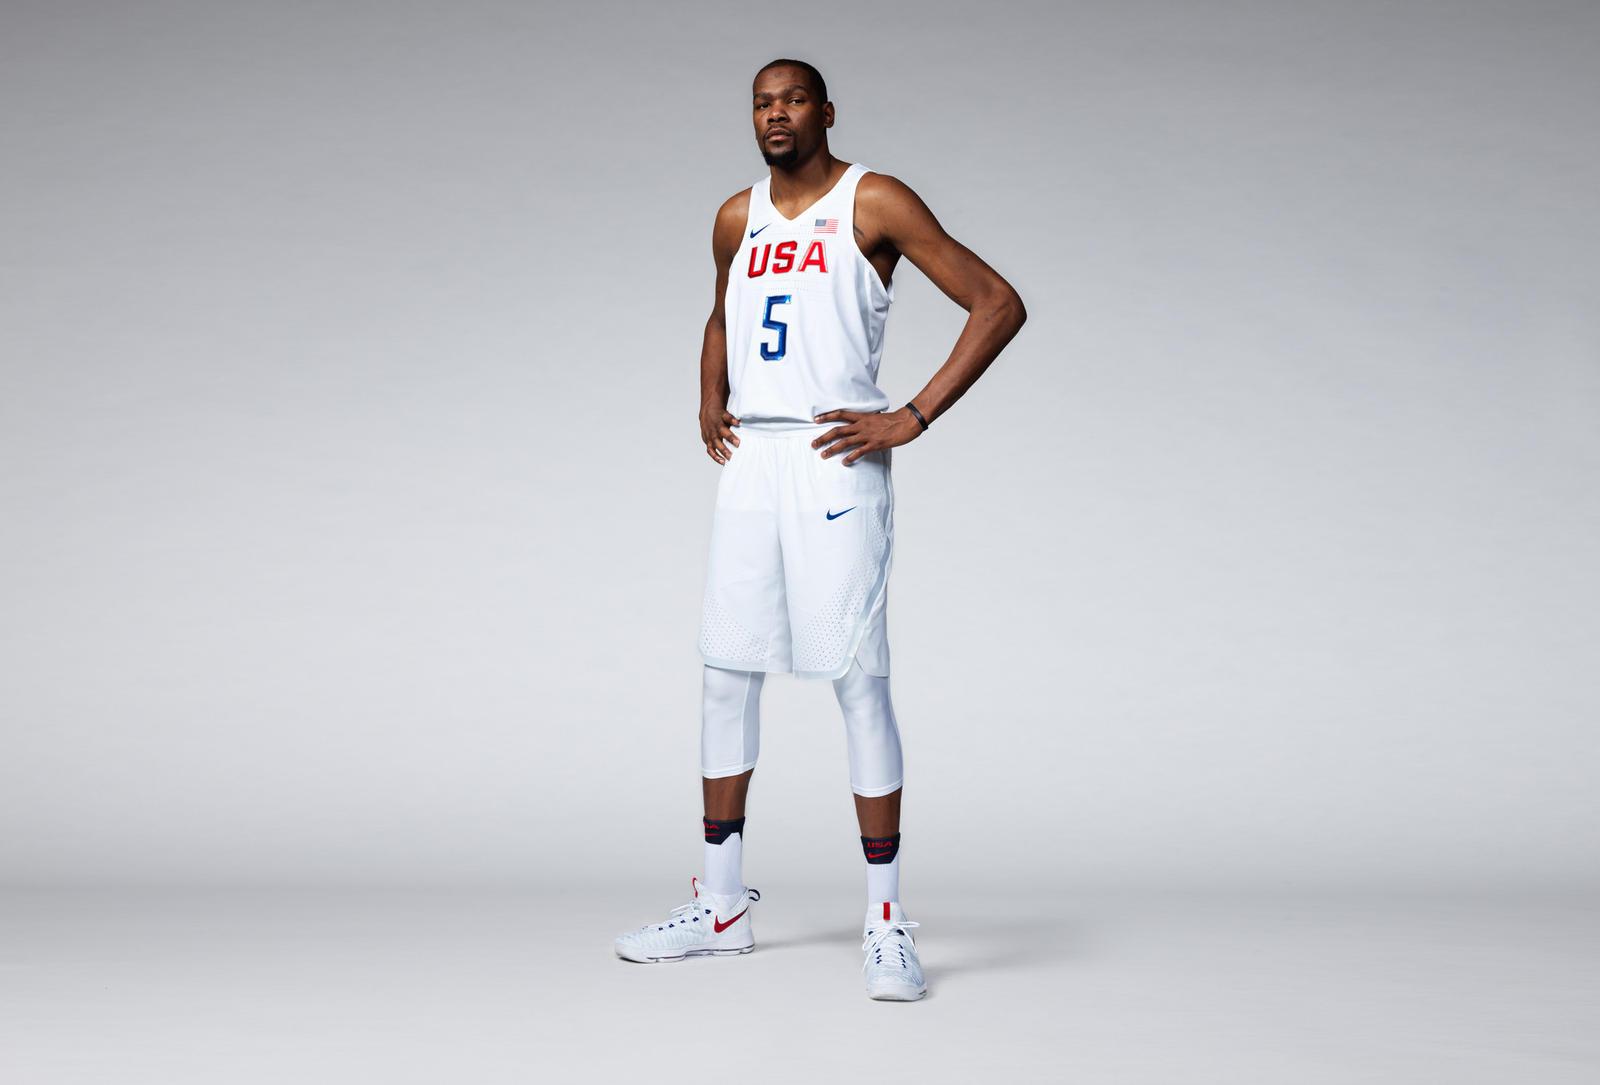 USA 2016 Nike Vapor Basketball Uniforms - Nike News